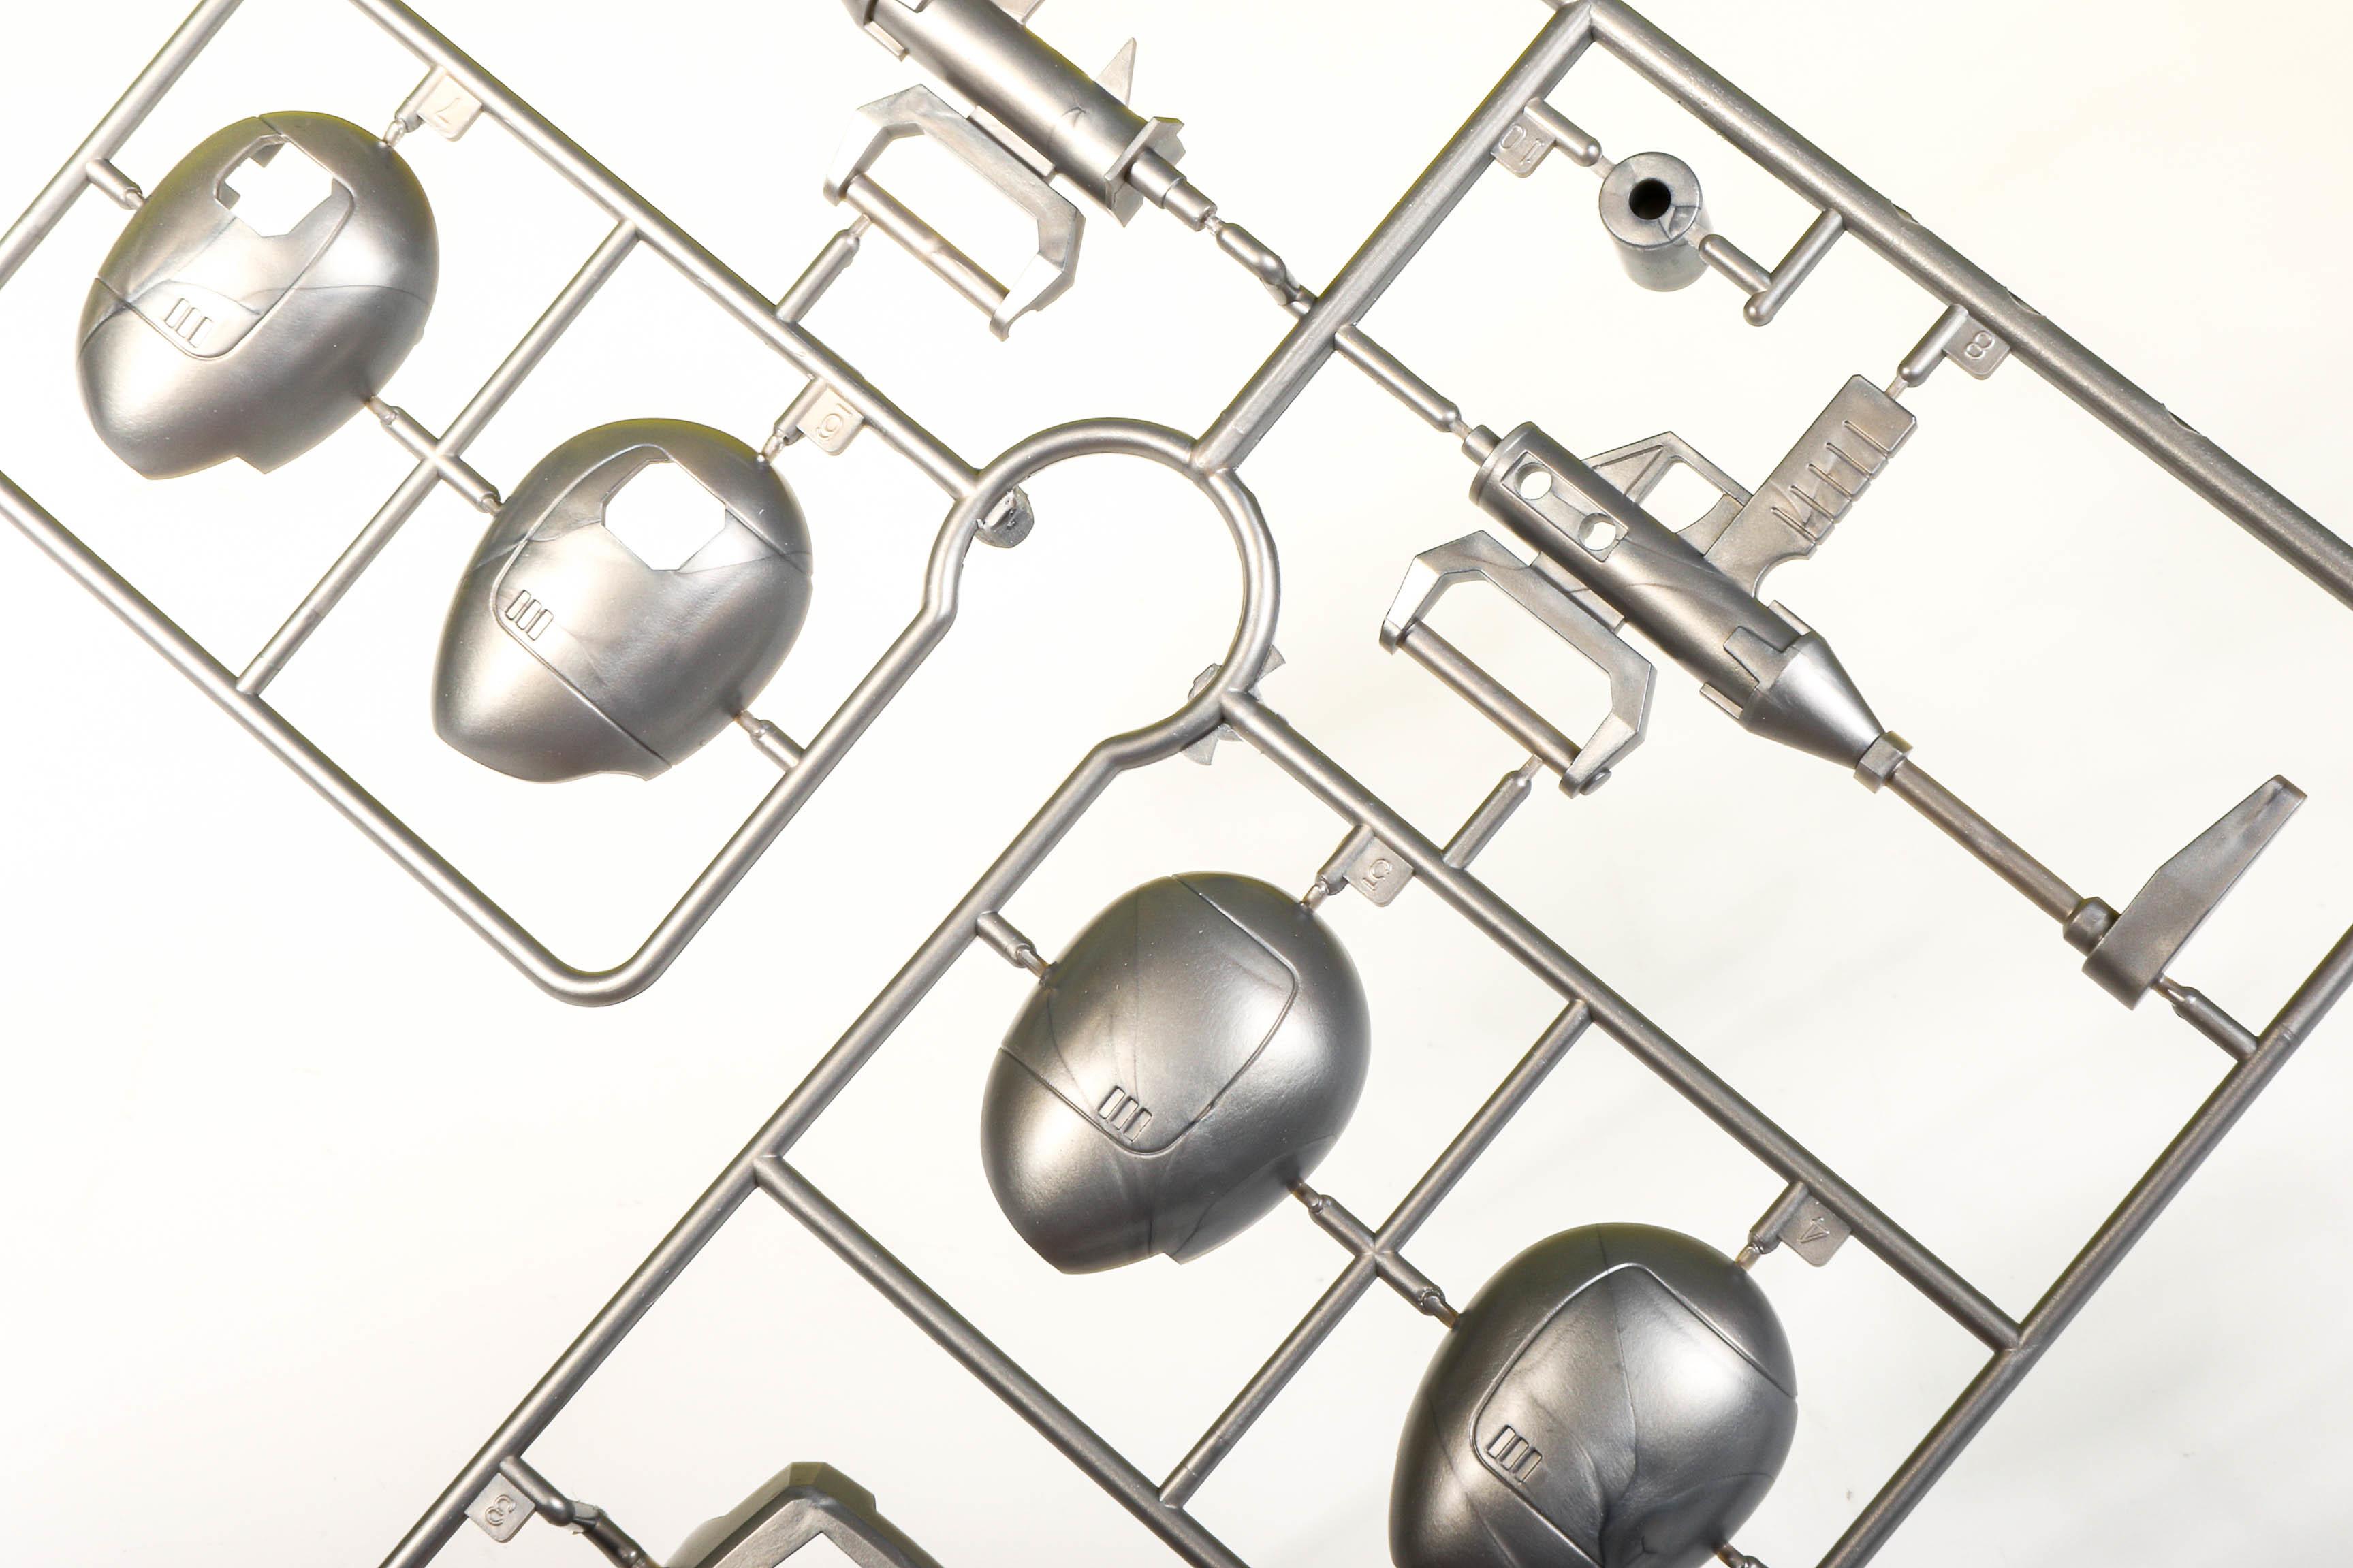 PLAMAX コンバットアーマーズマックスキットレビュー!! アビテート T10B ブロックヘッド 強化型ザック装着タイプ_f0395912_17063084.jpg